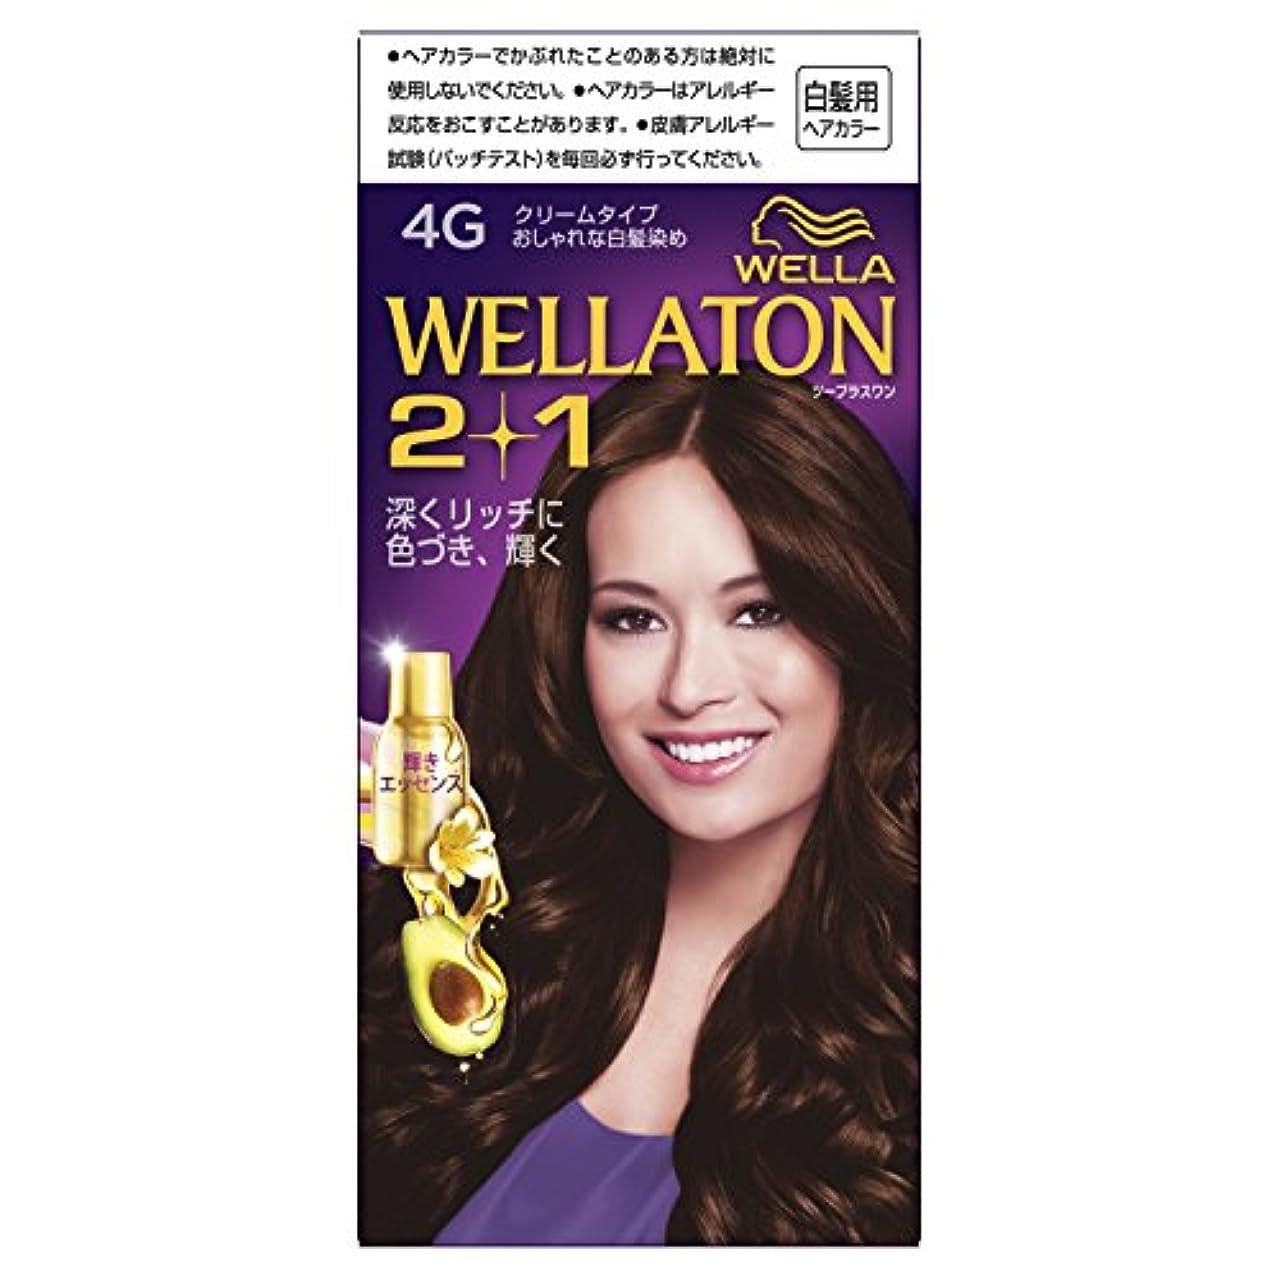 代数耐えられる弱いウエラトーン2+1 クリームタイプ 4G[医薬部外品](おしゃれな白髪染め)